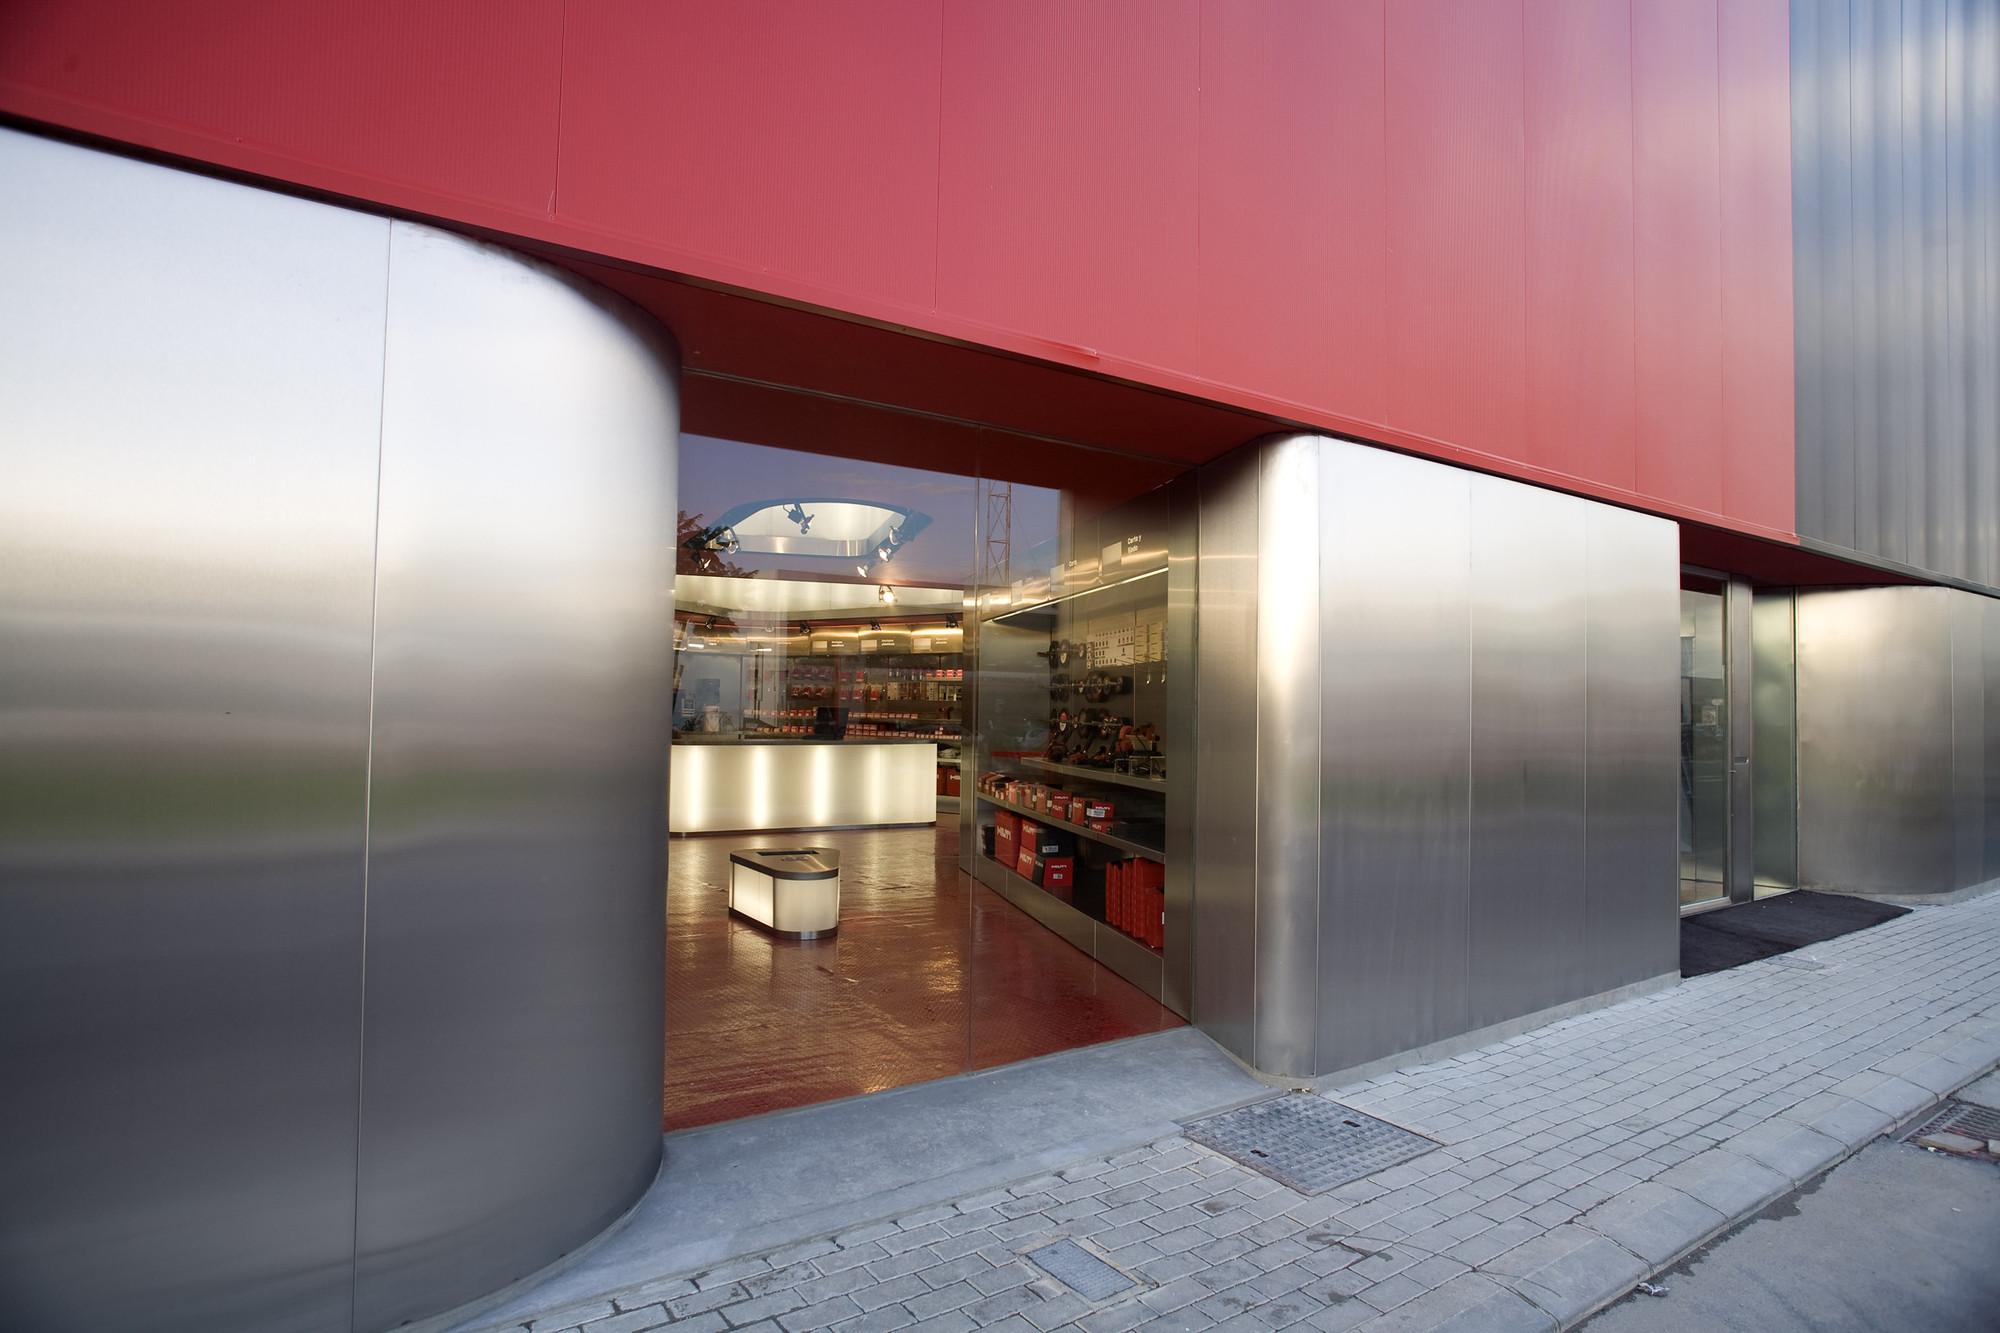 New Image Hilti / Cso Arquitectura